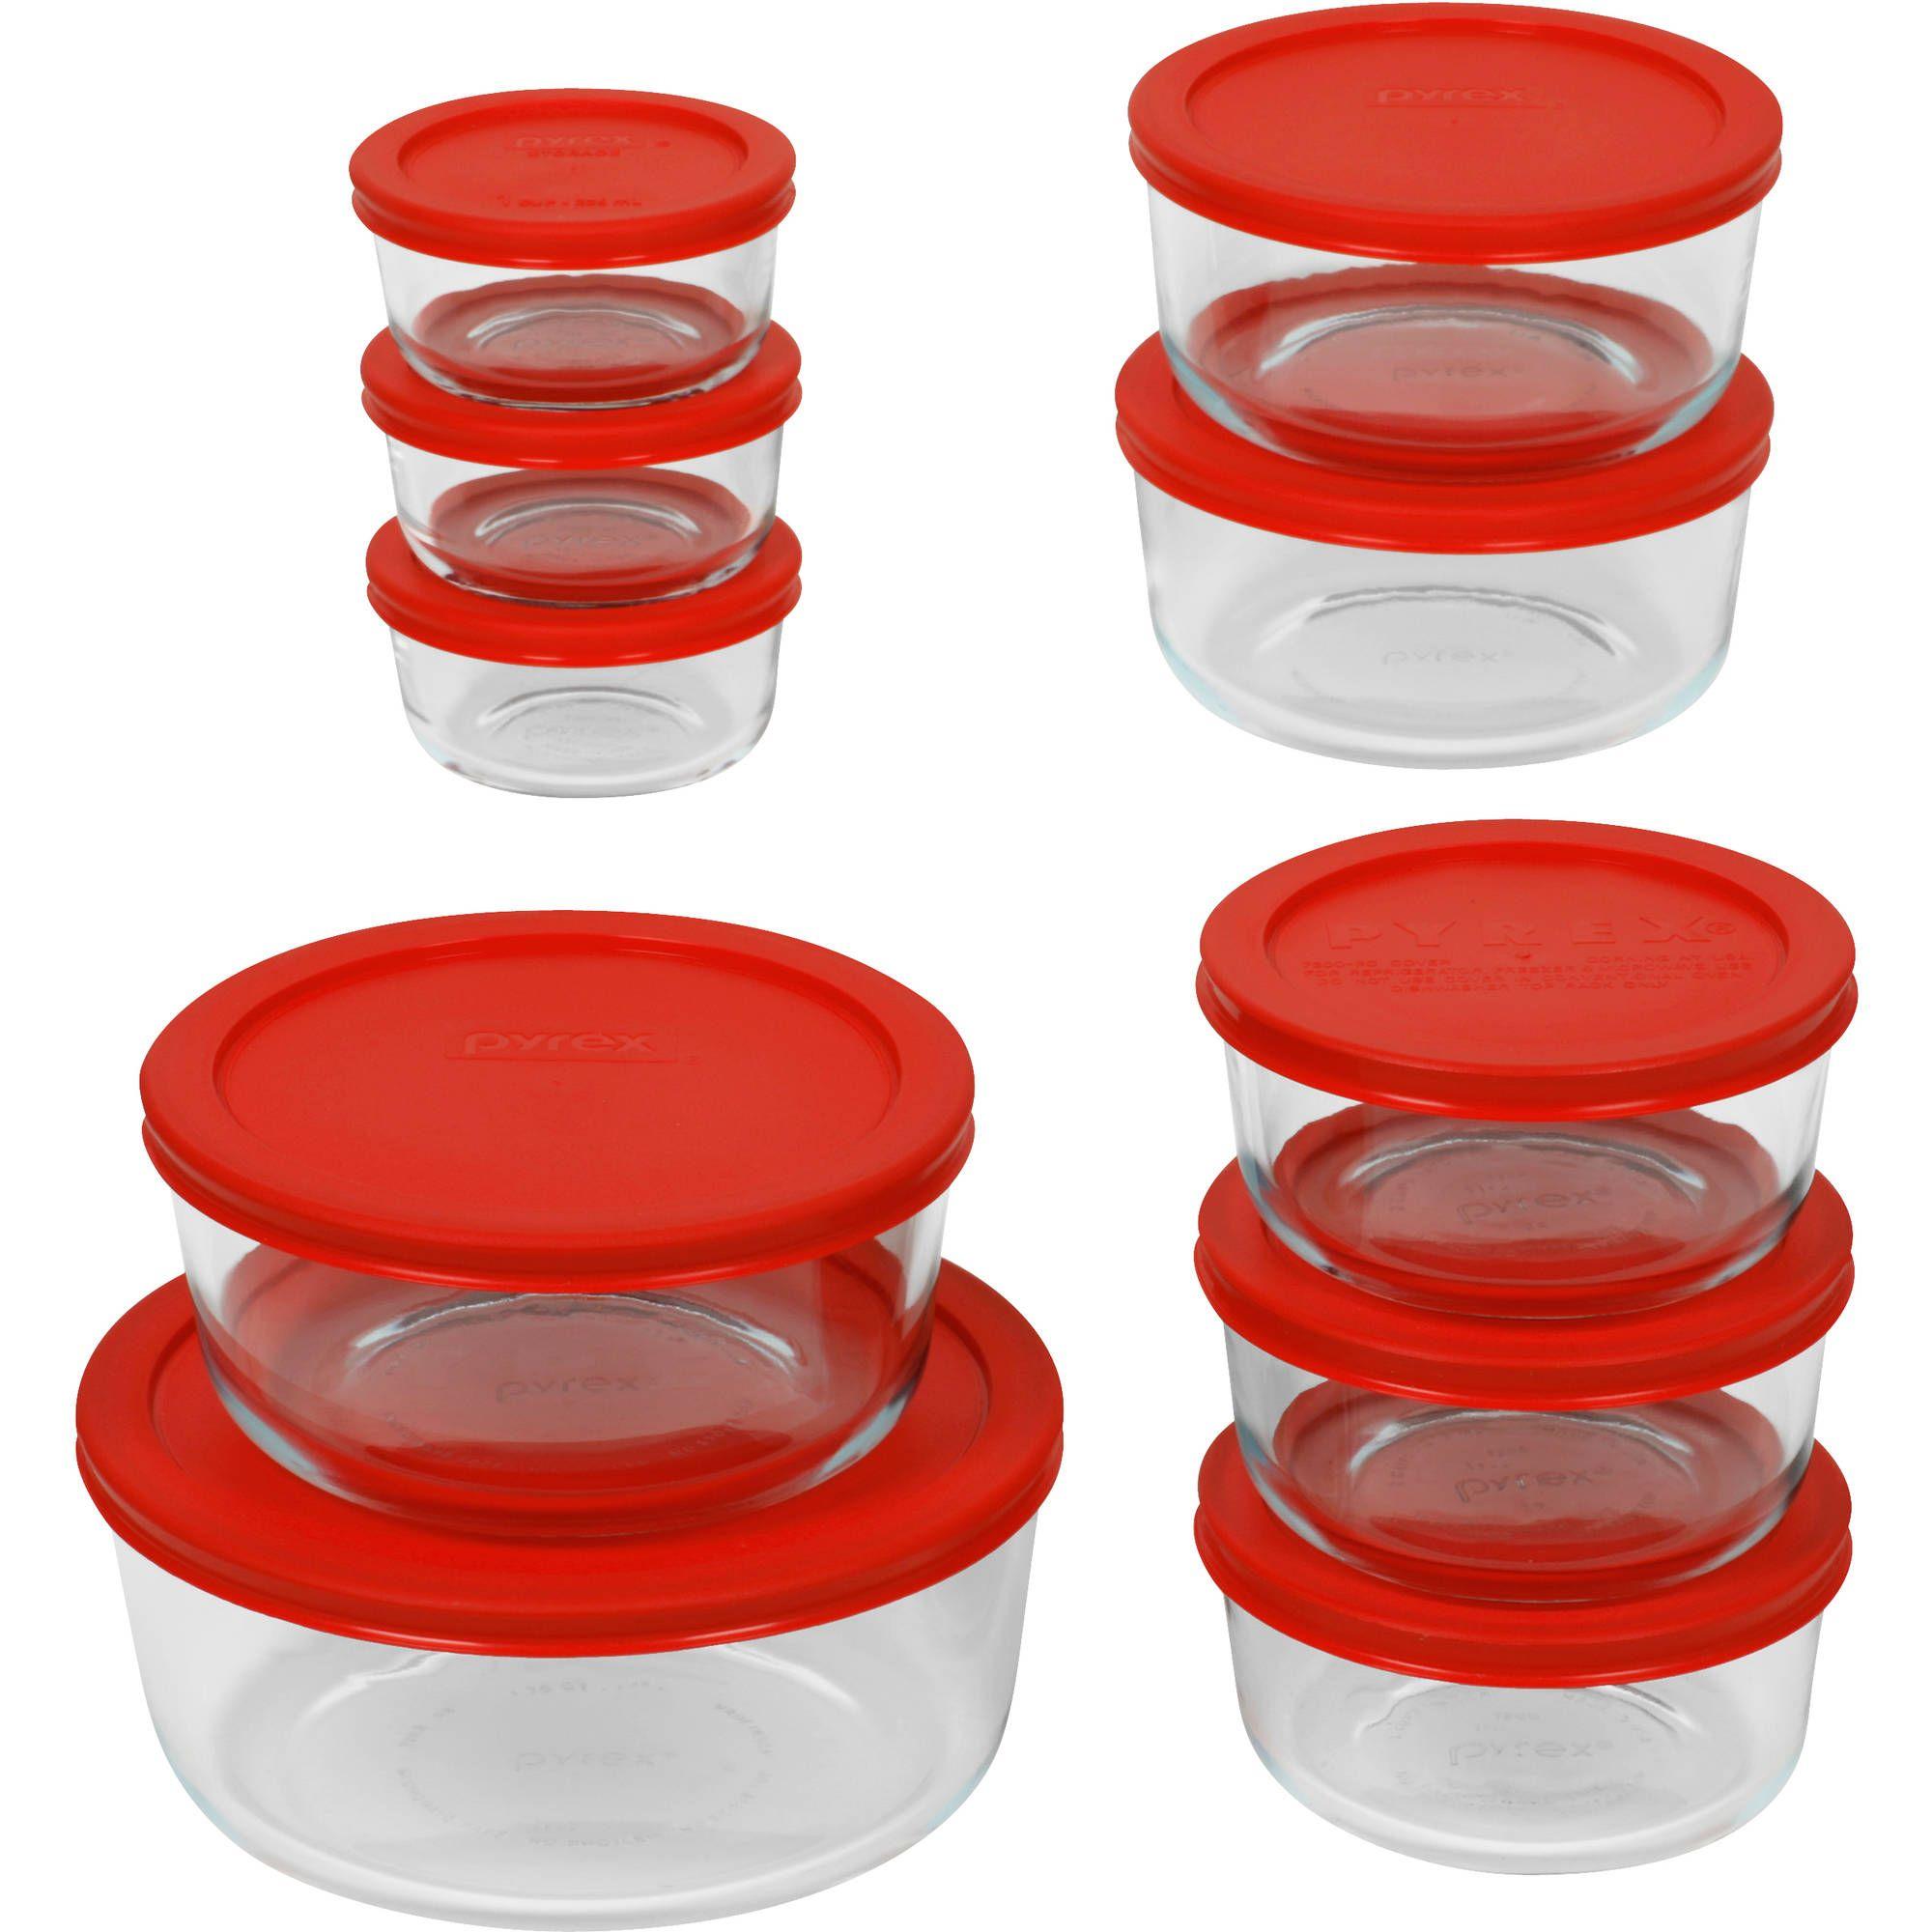 Pyrex Storage Plus Set